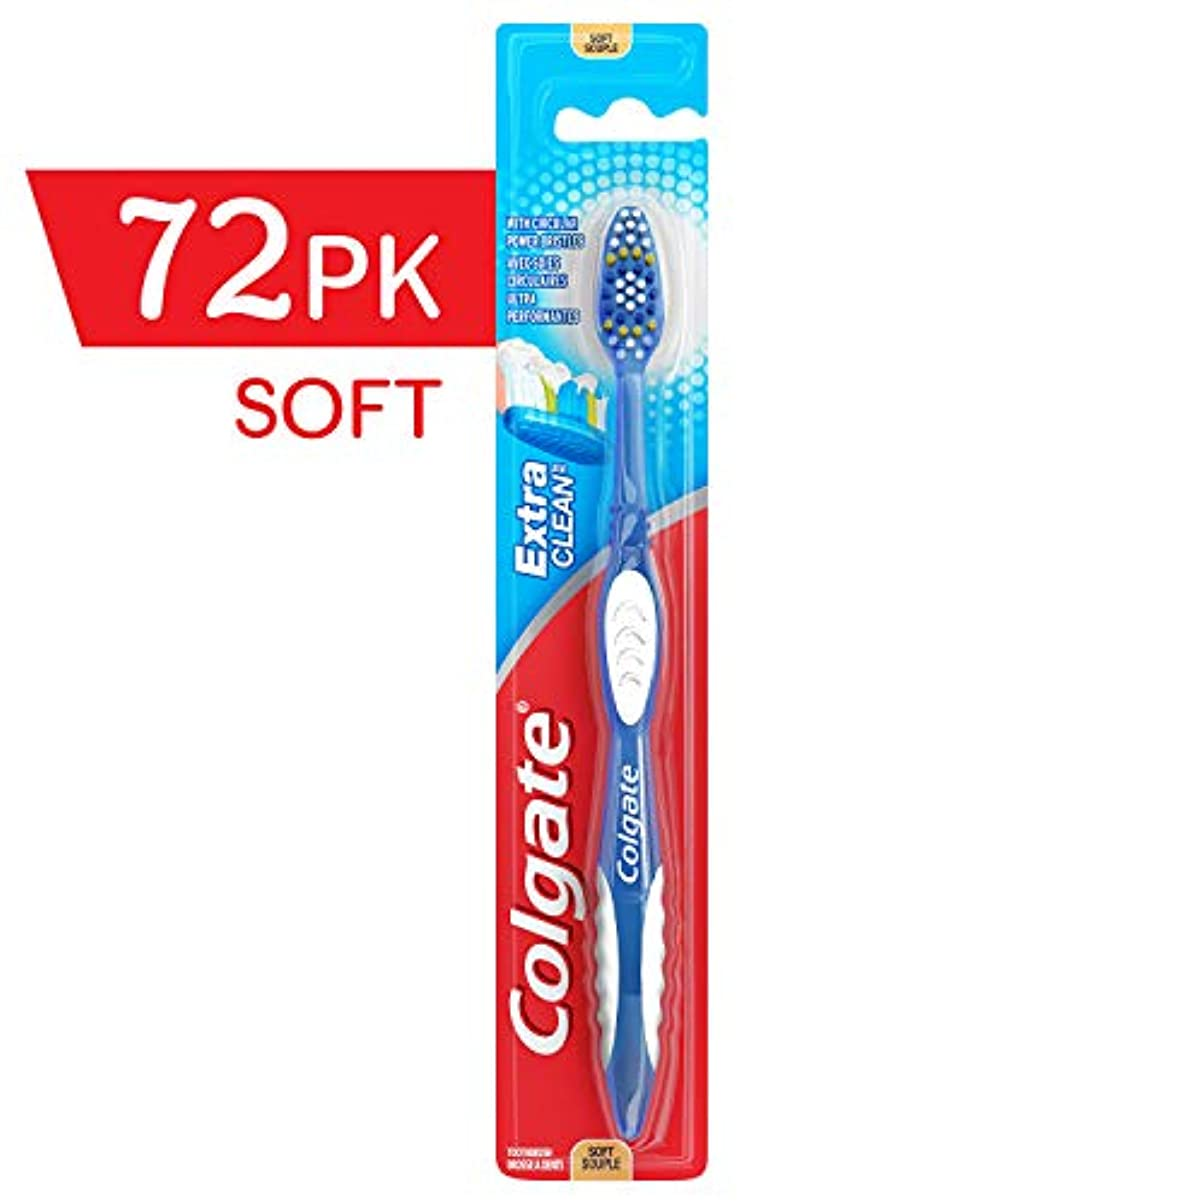 シチリア未知の良さColgate エクストラクリーン歯ブラシソフト、柔らかい歯ブラシ、バルク歯ブラシ、旅行歯ブラシ、(72の場合)(モデル番号:155676)